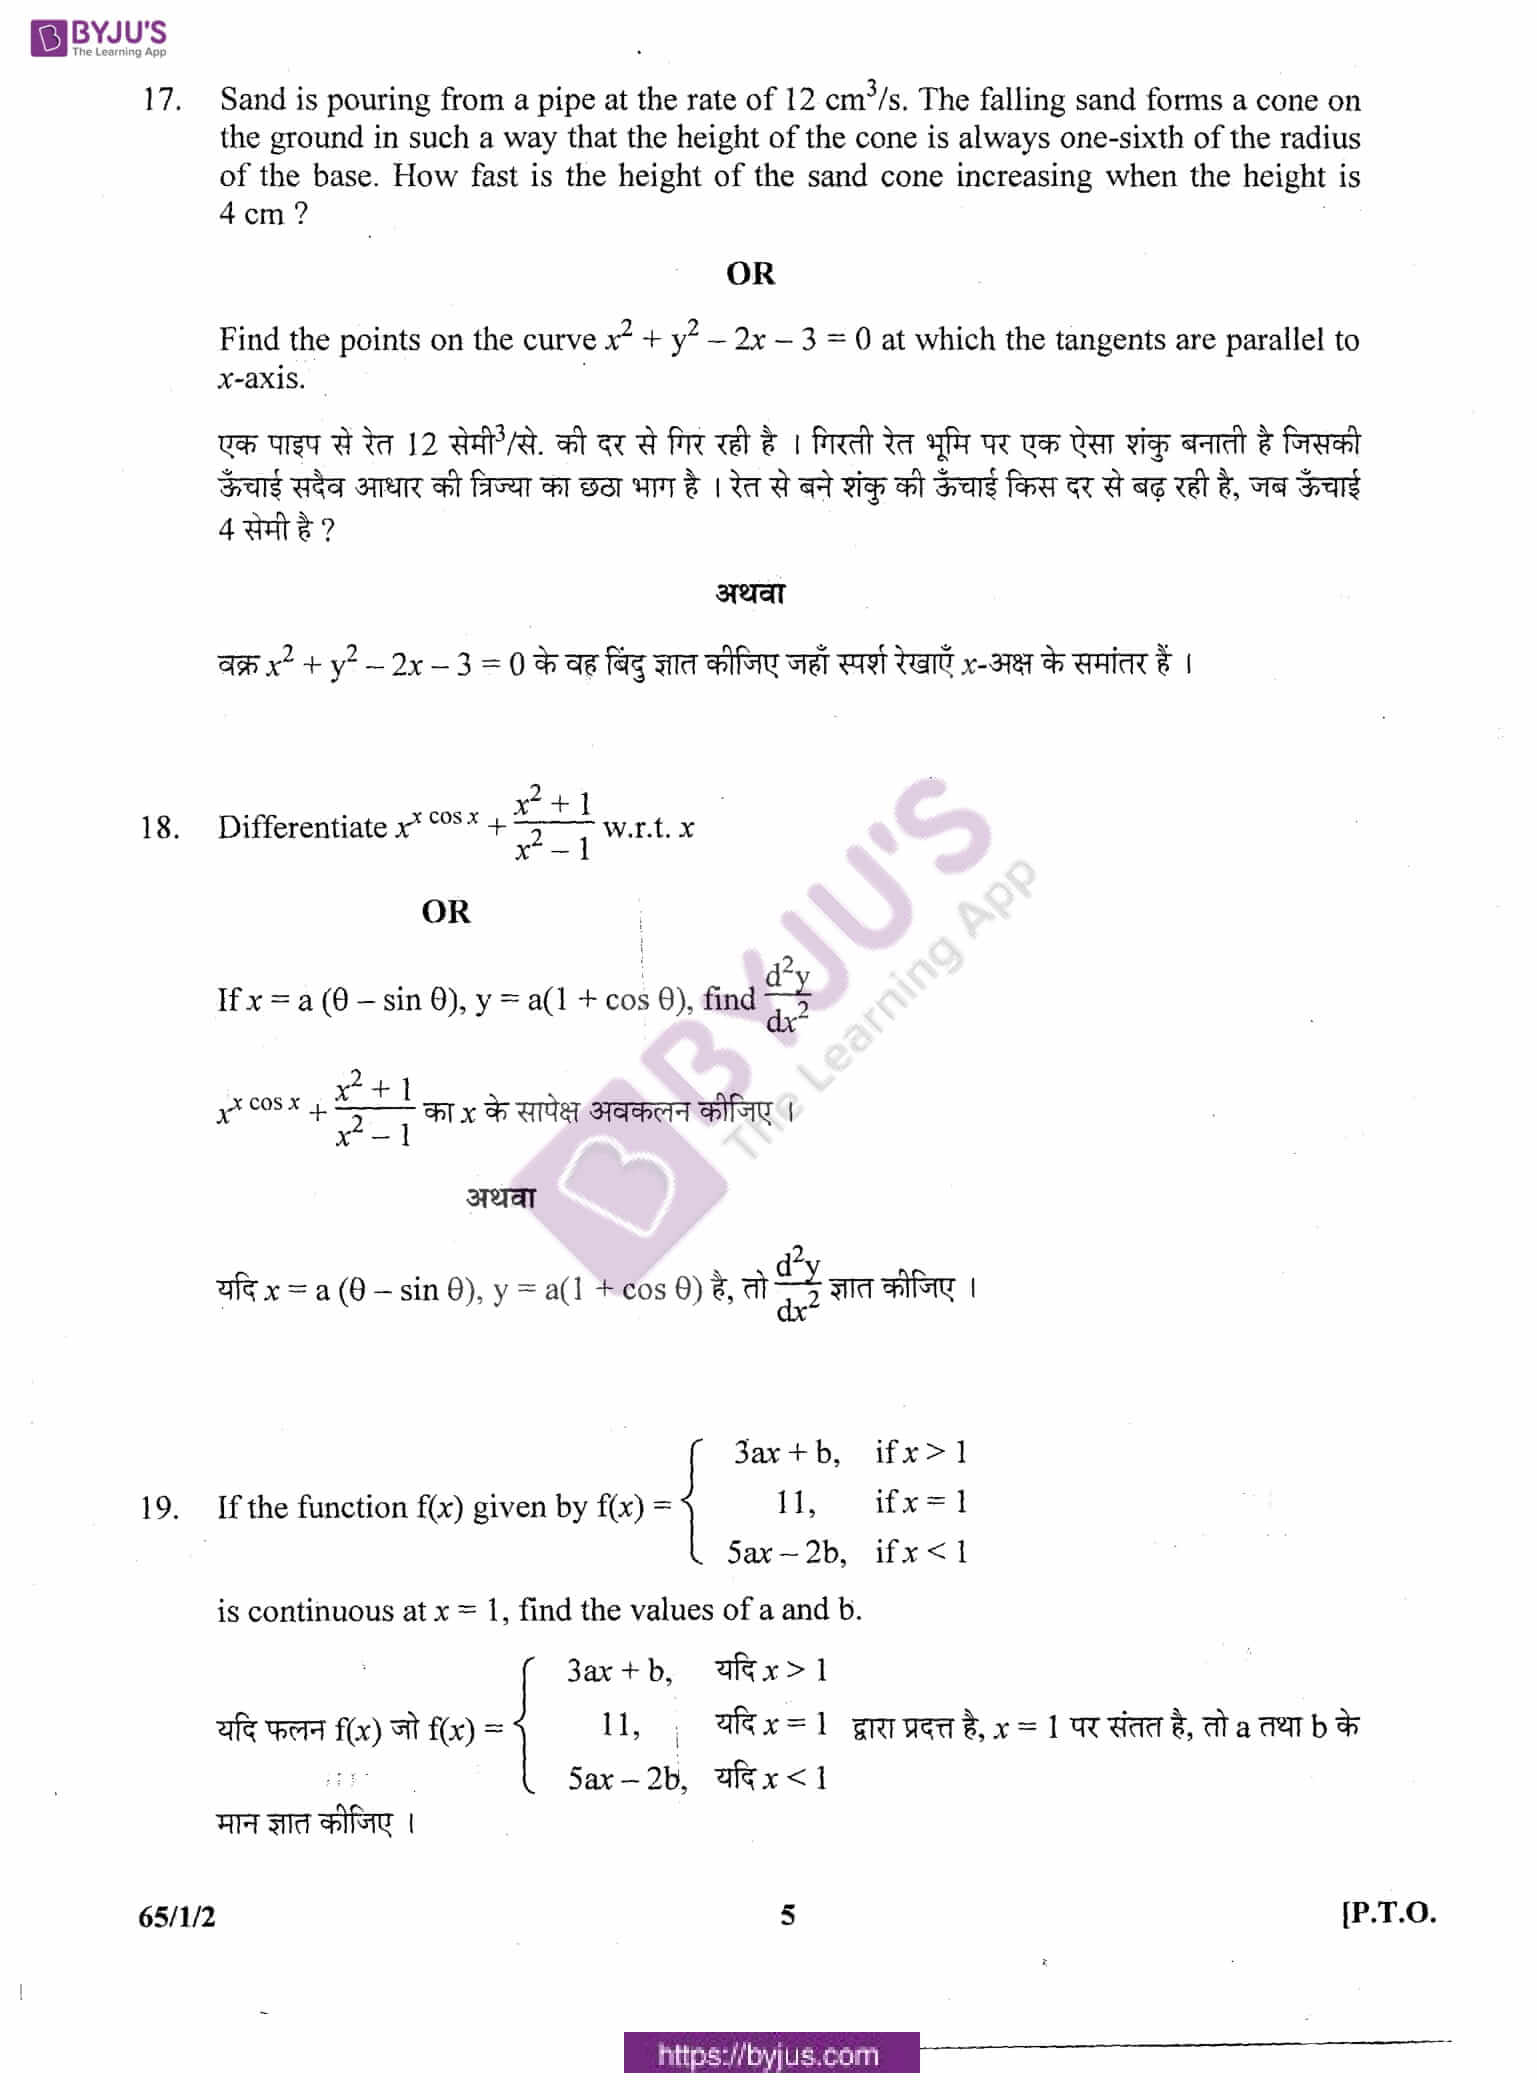 cbse class 12 maths question paper 2011 set 1